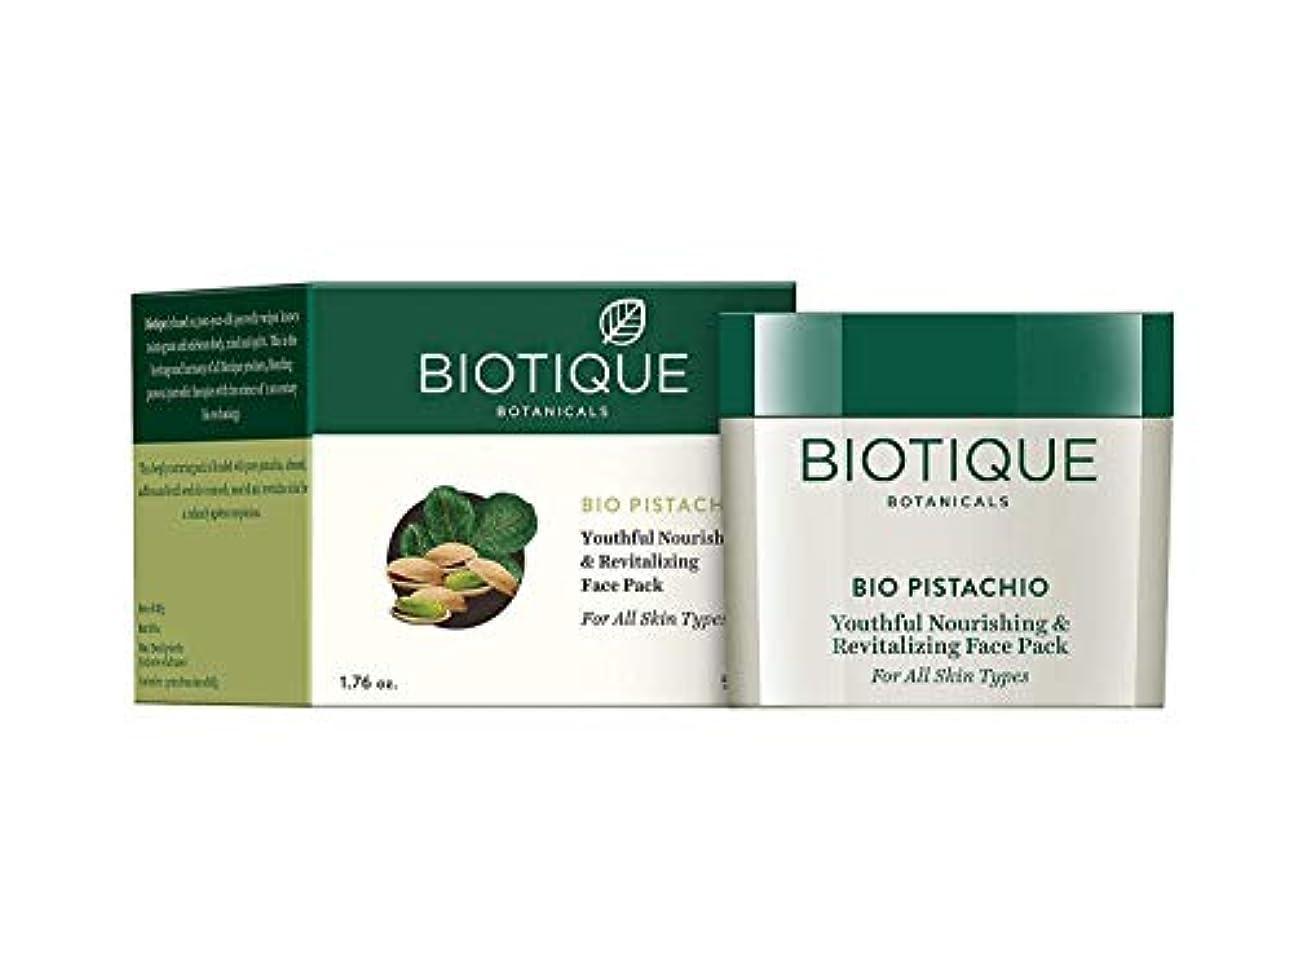 おびえたカリキュラム分離Biotique Bio Pistachio Youthful Nourishing & Revitalizing Face Pack 50 grams ビオティックバイオピスタチオ若々しい栄養と活力を与えるフェイスパック